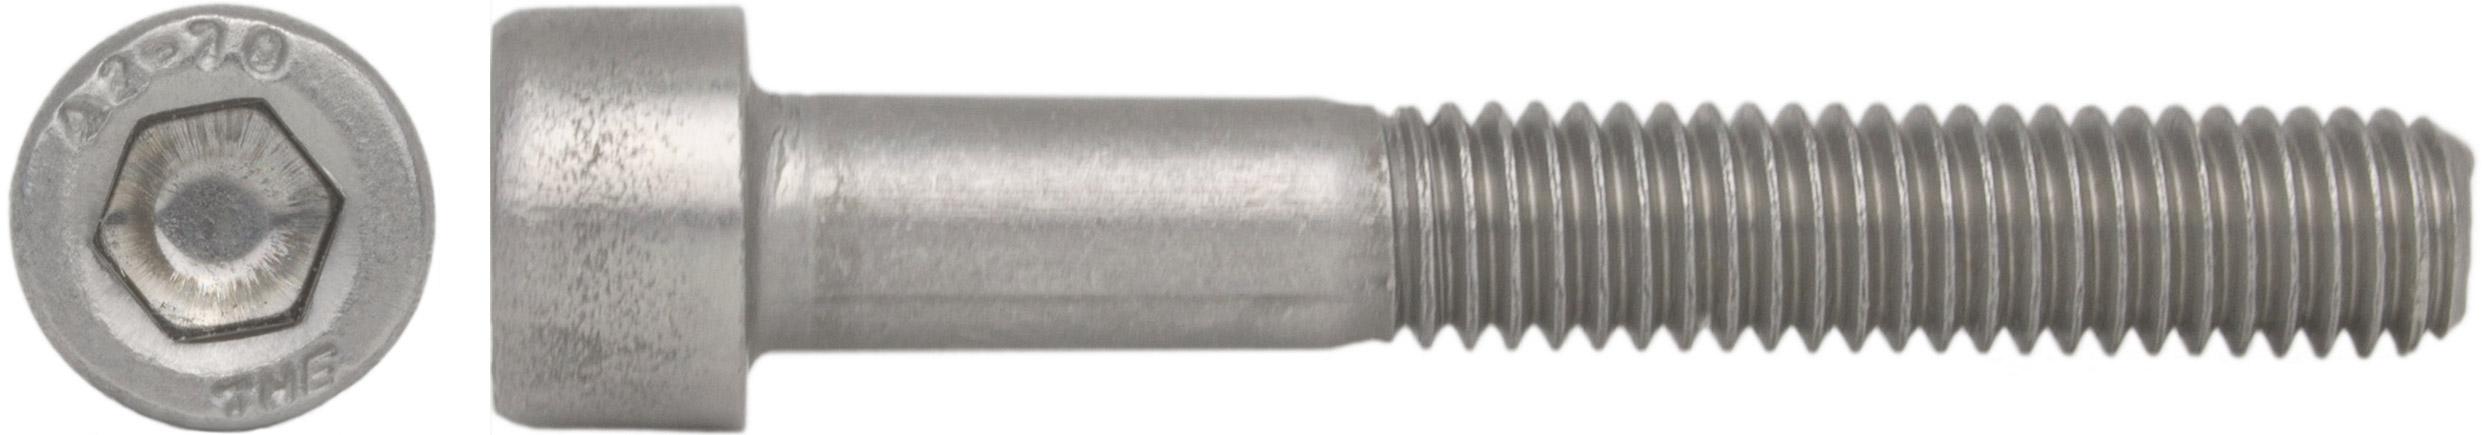 aus rostfreiem Edelstahl A2 V2A 5 St/ück Zylinderkopfschrauben SC912 M3x5 - Zylinderschrauben mit Innensechskant - DIN 912 ISO 4762 - Vollgewinde